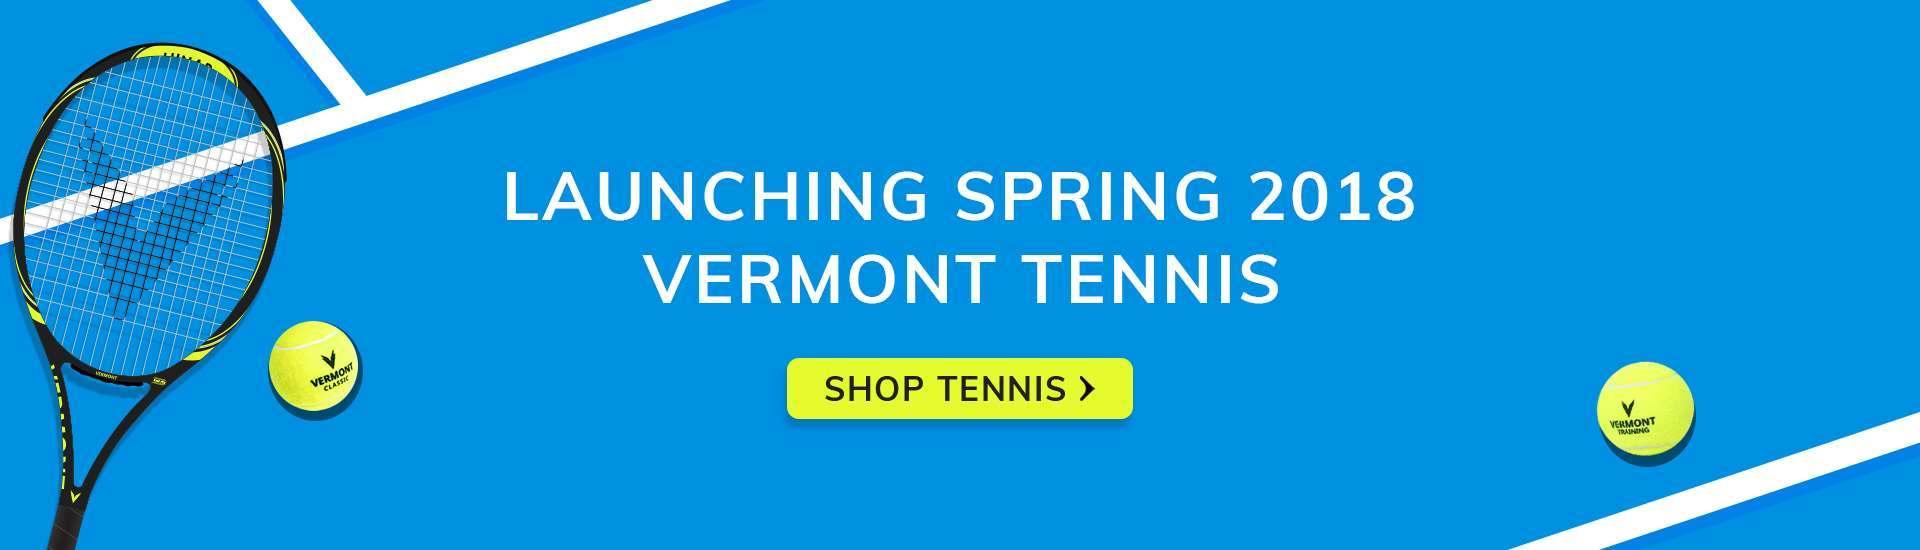 Vermont Tennis